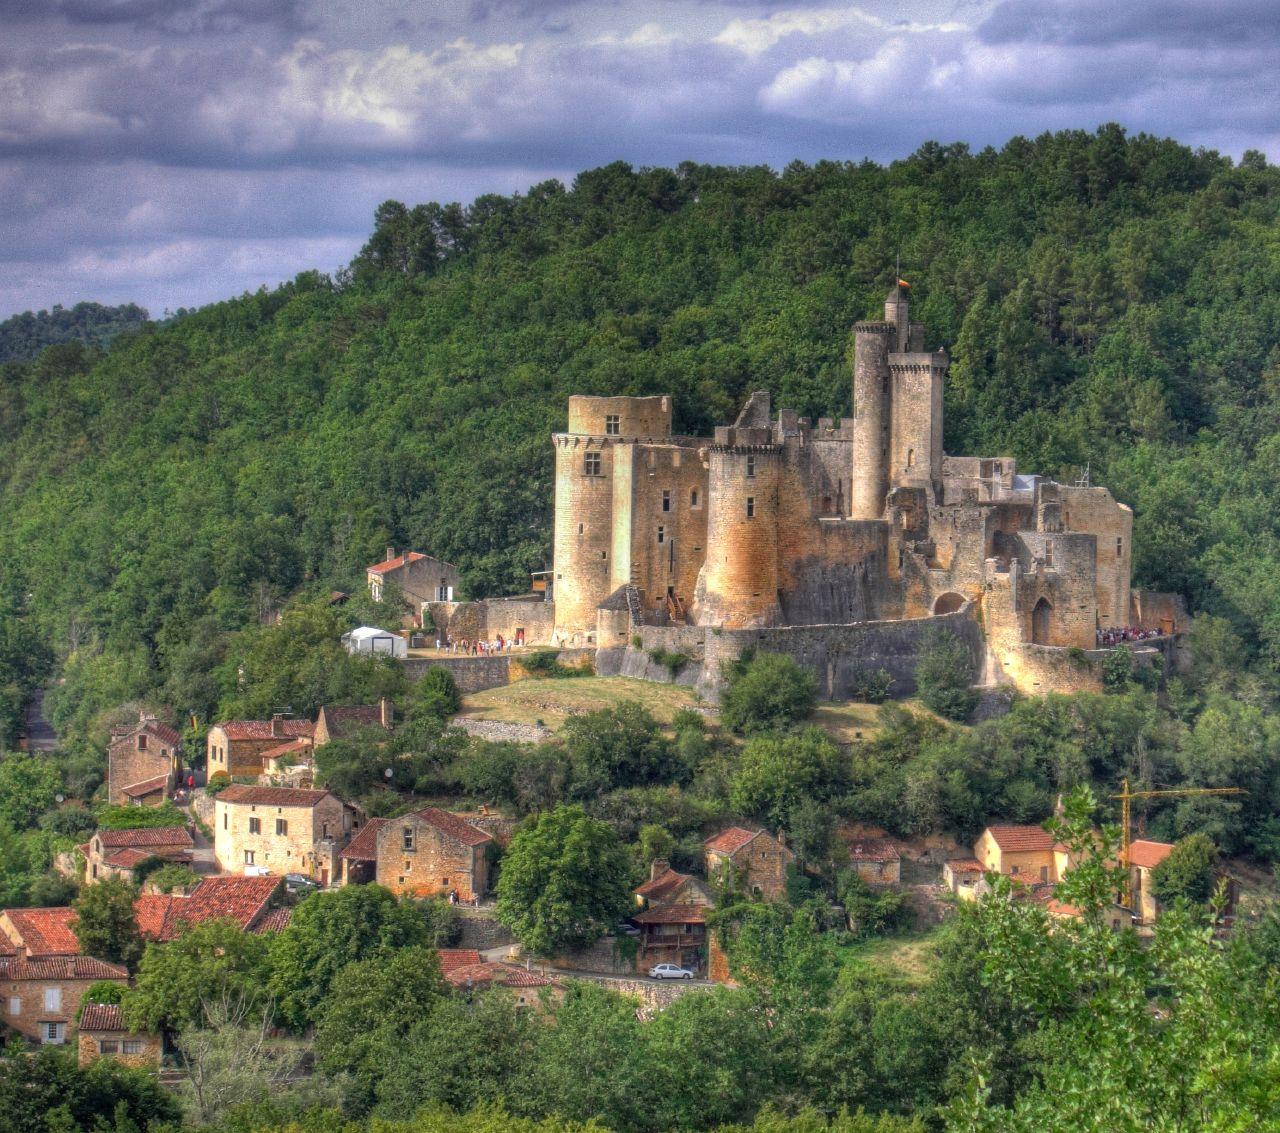 Bonaguil castle, France.